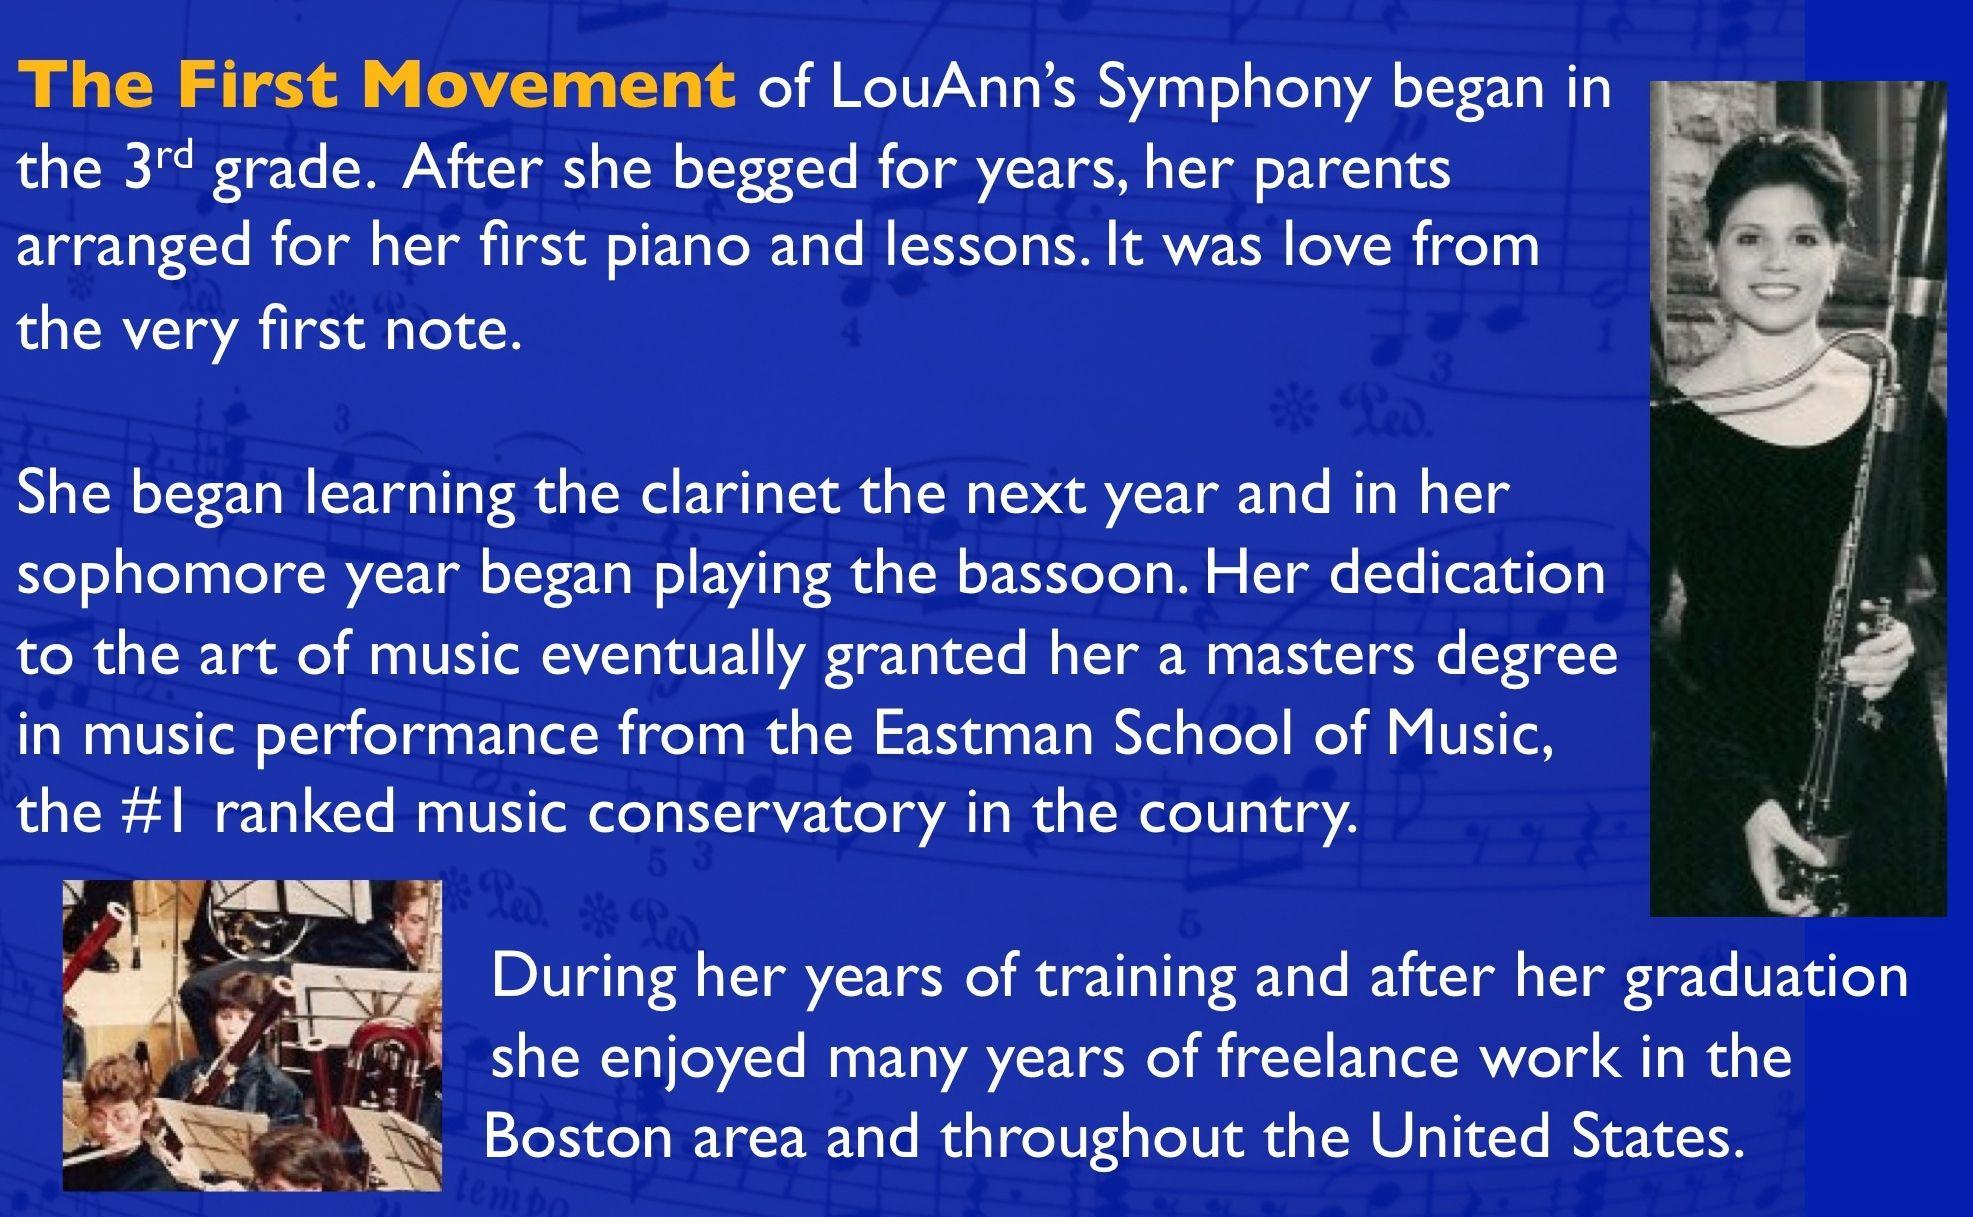 LouAnn_first_movement